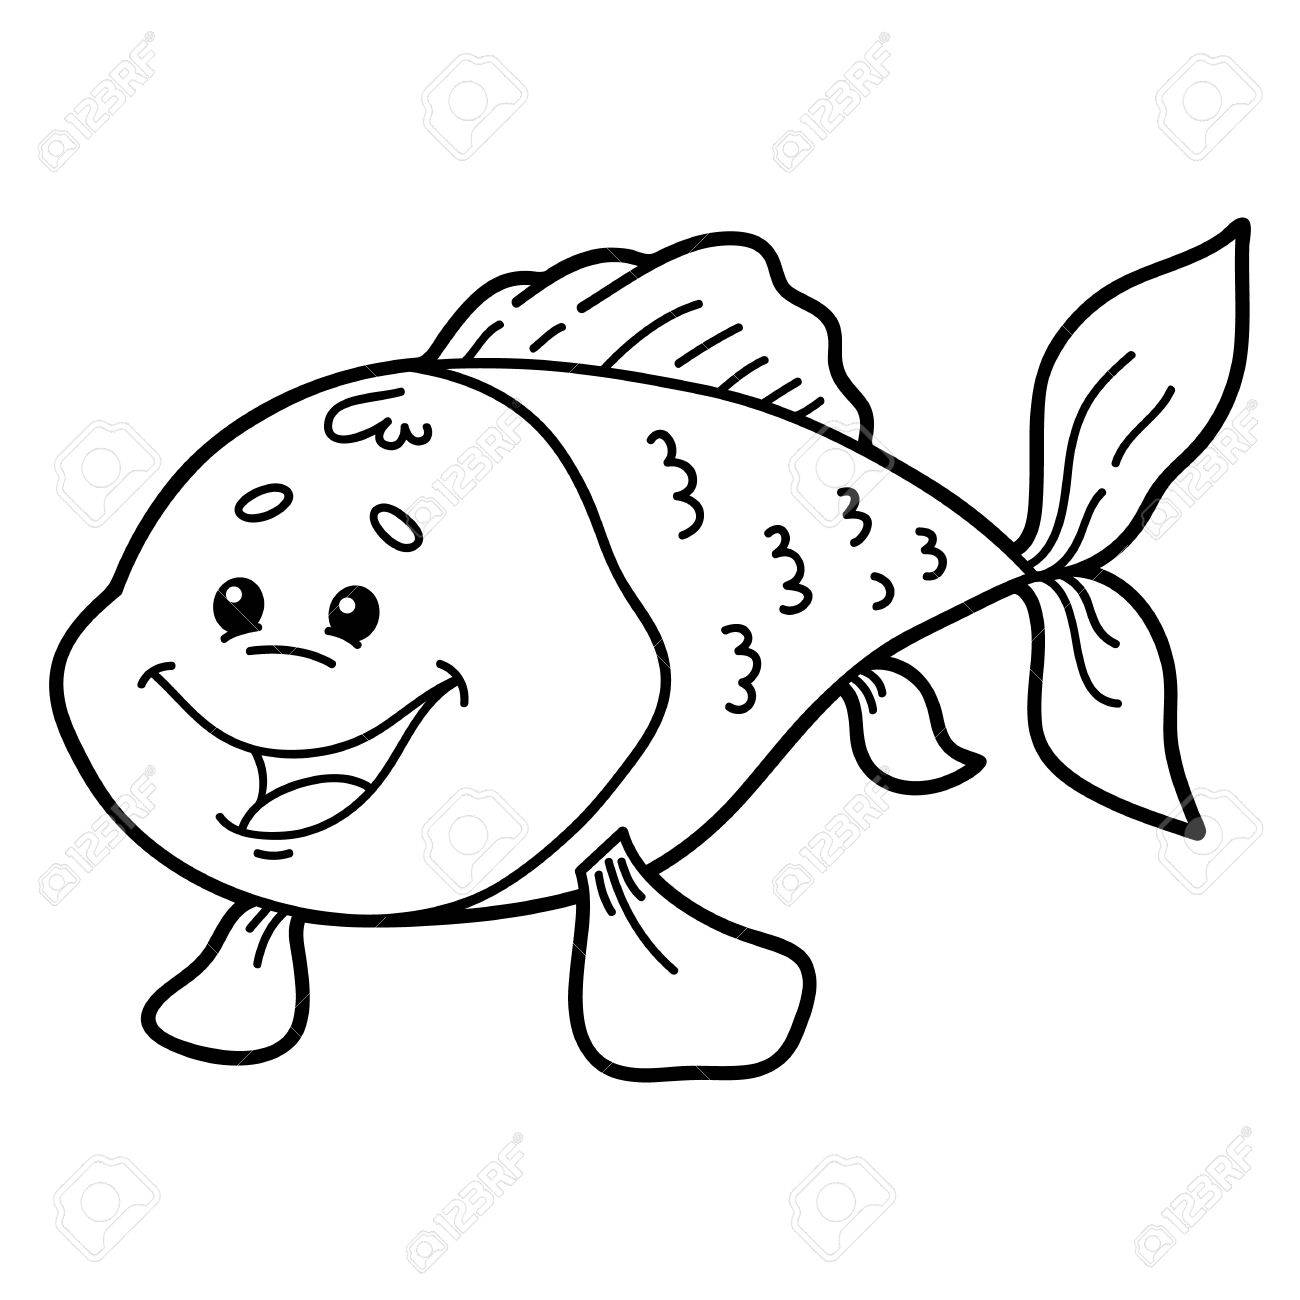 Linda De Los Pescados. Ilustración De Personaje Lindo Pescado Para ...